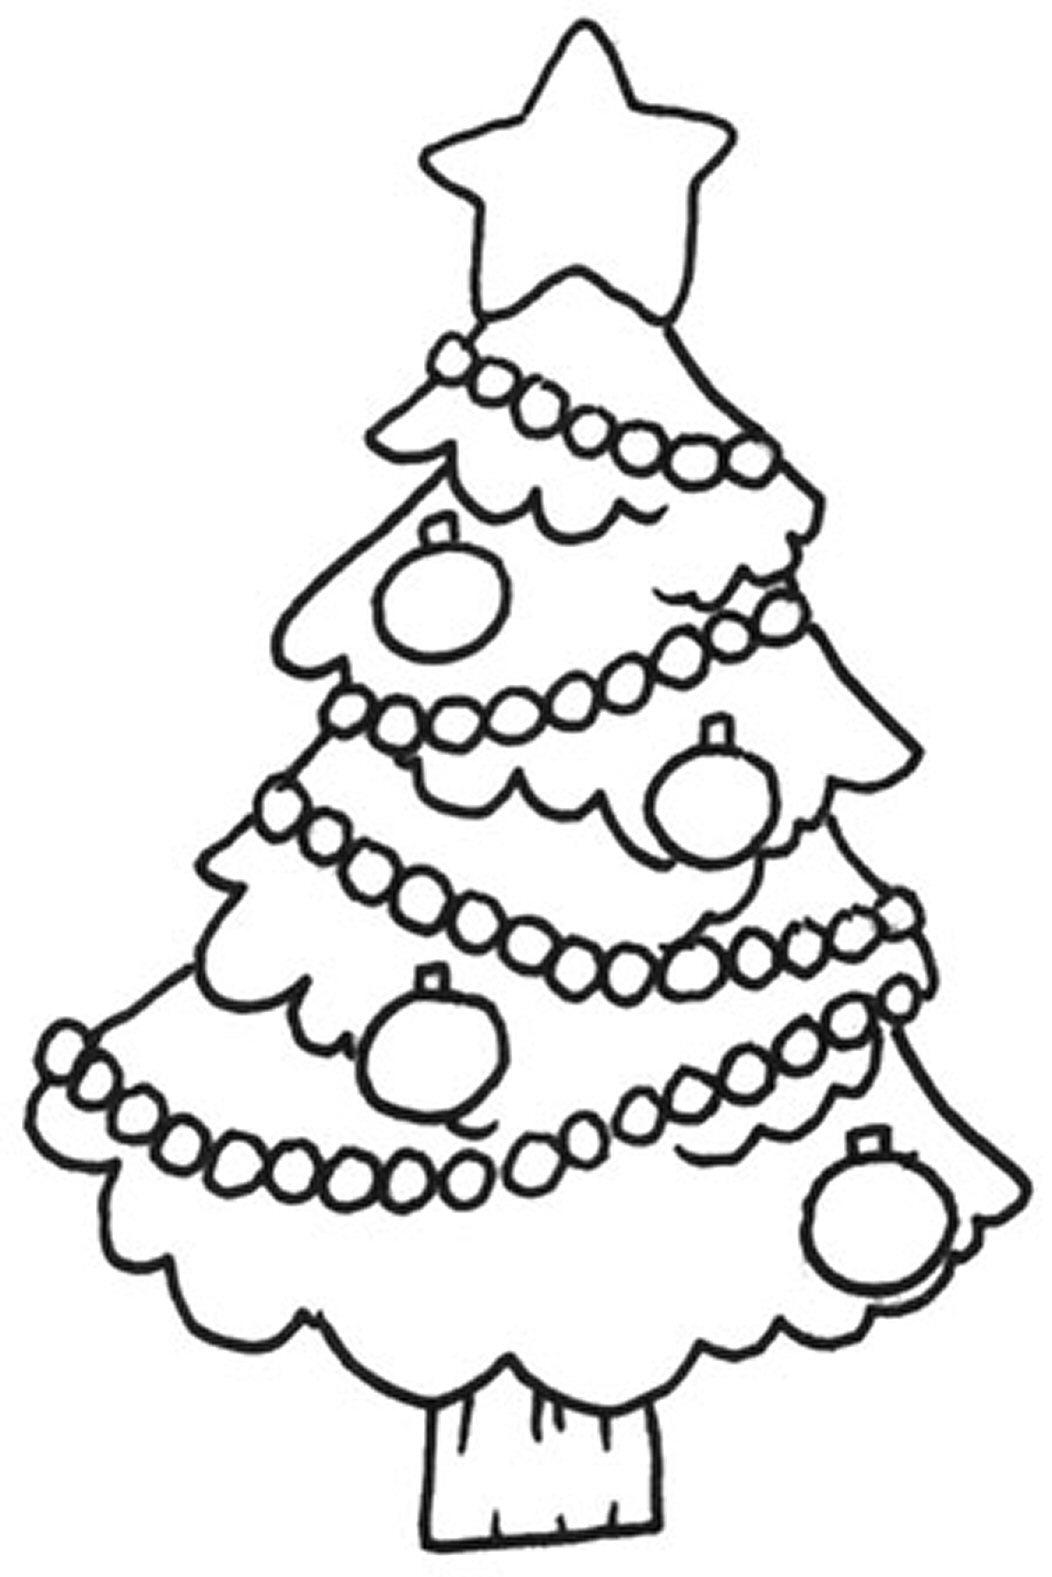 Plantilla Arbol De Navidad. Plantilla Del Marco Del Rbol De Navidad ...